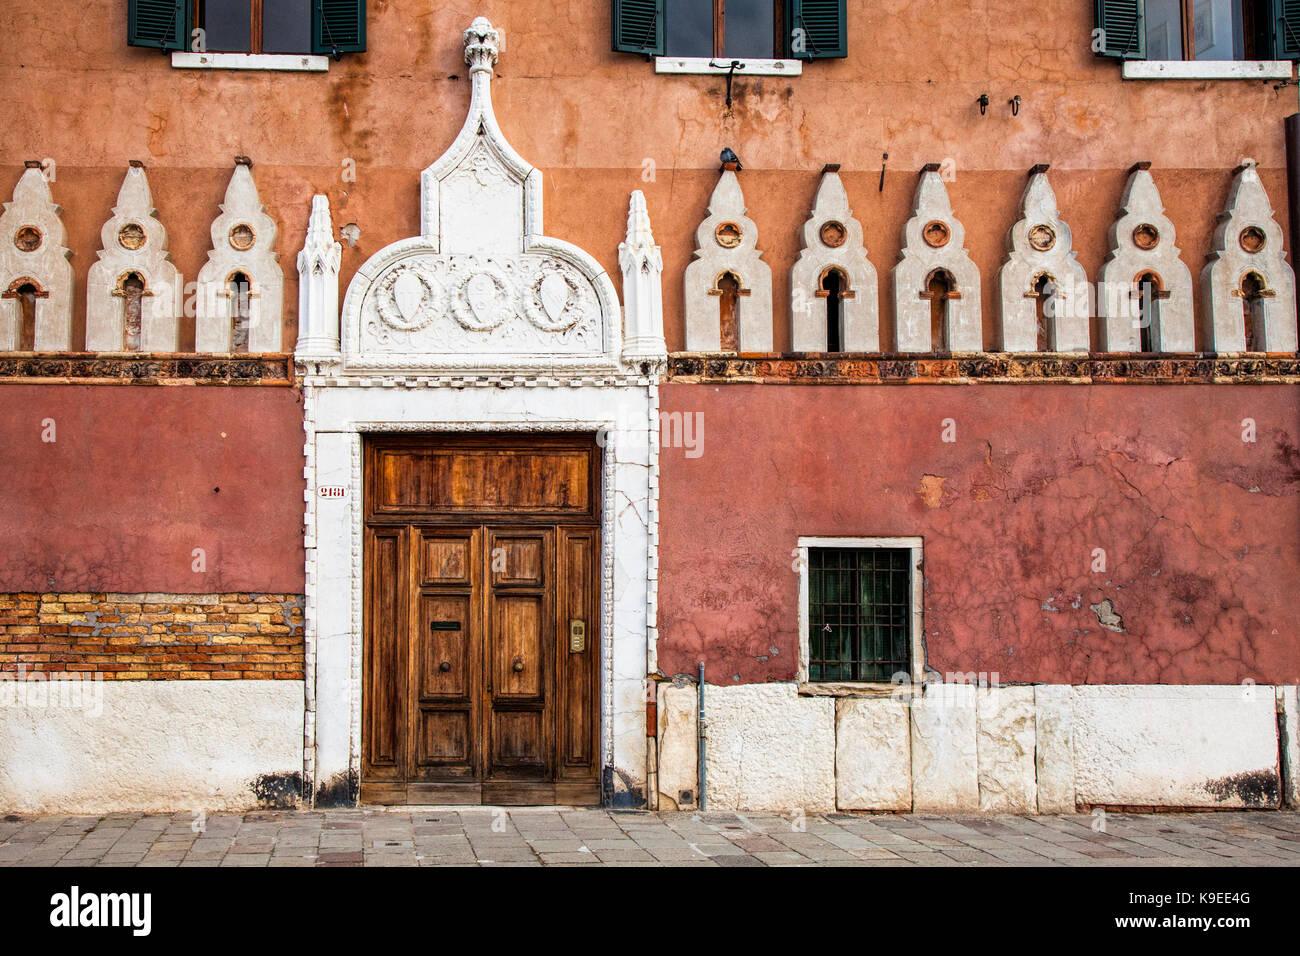 Facade in Venice, Italy - Stock Image